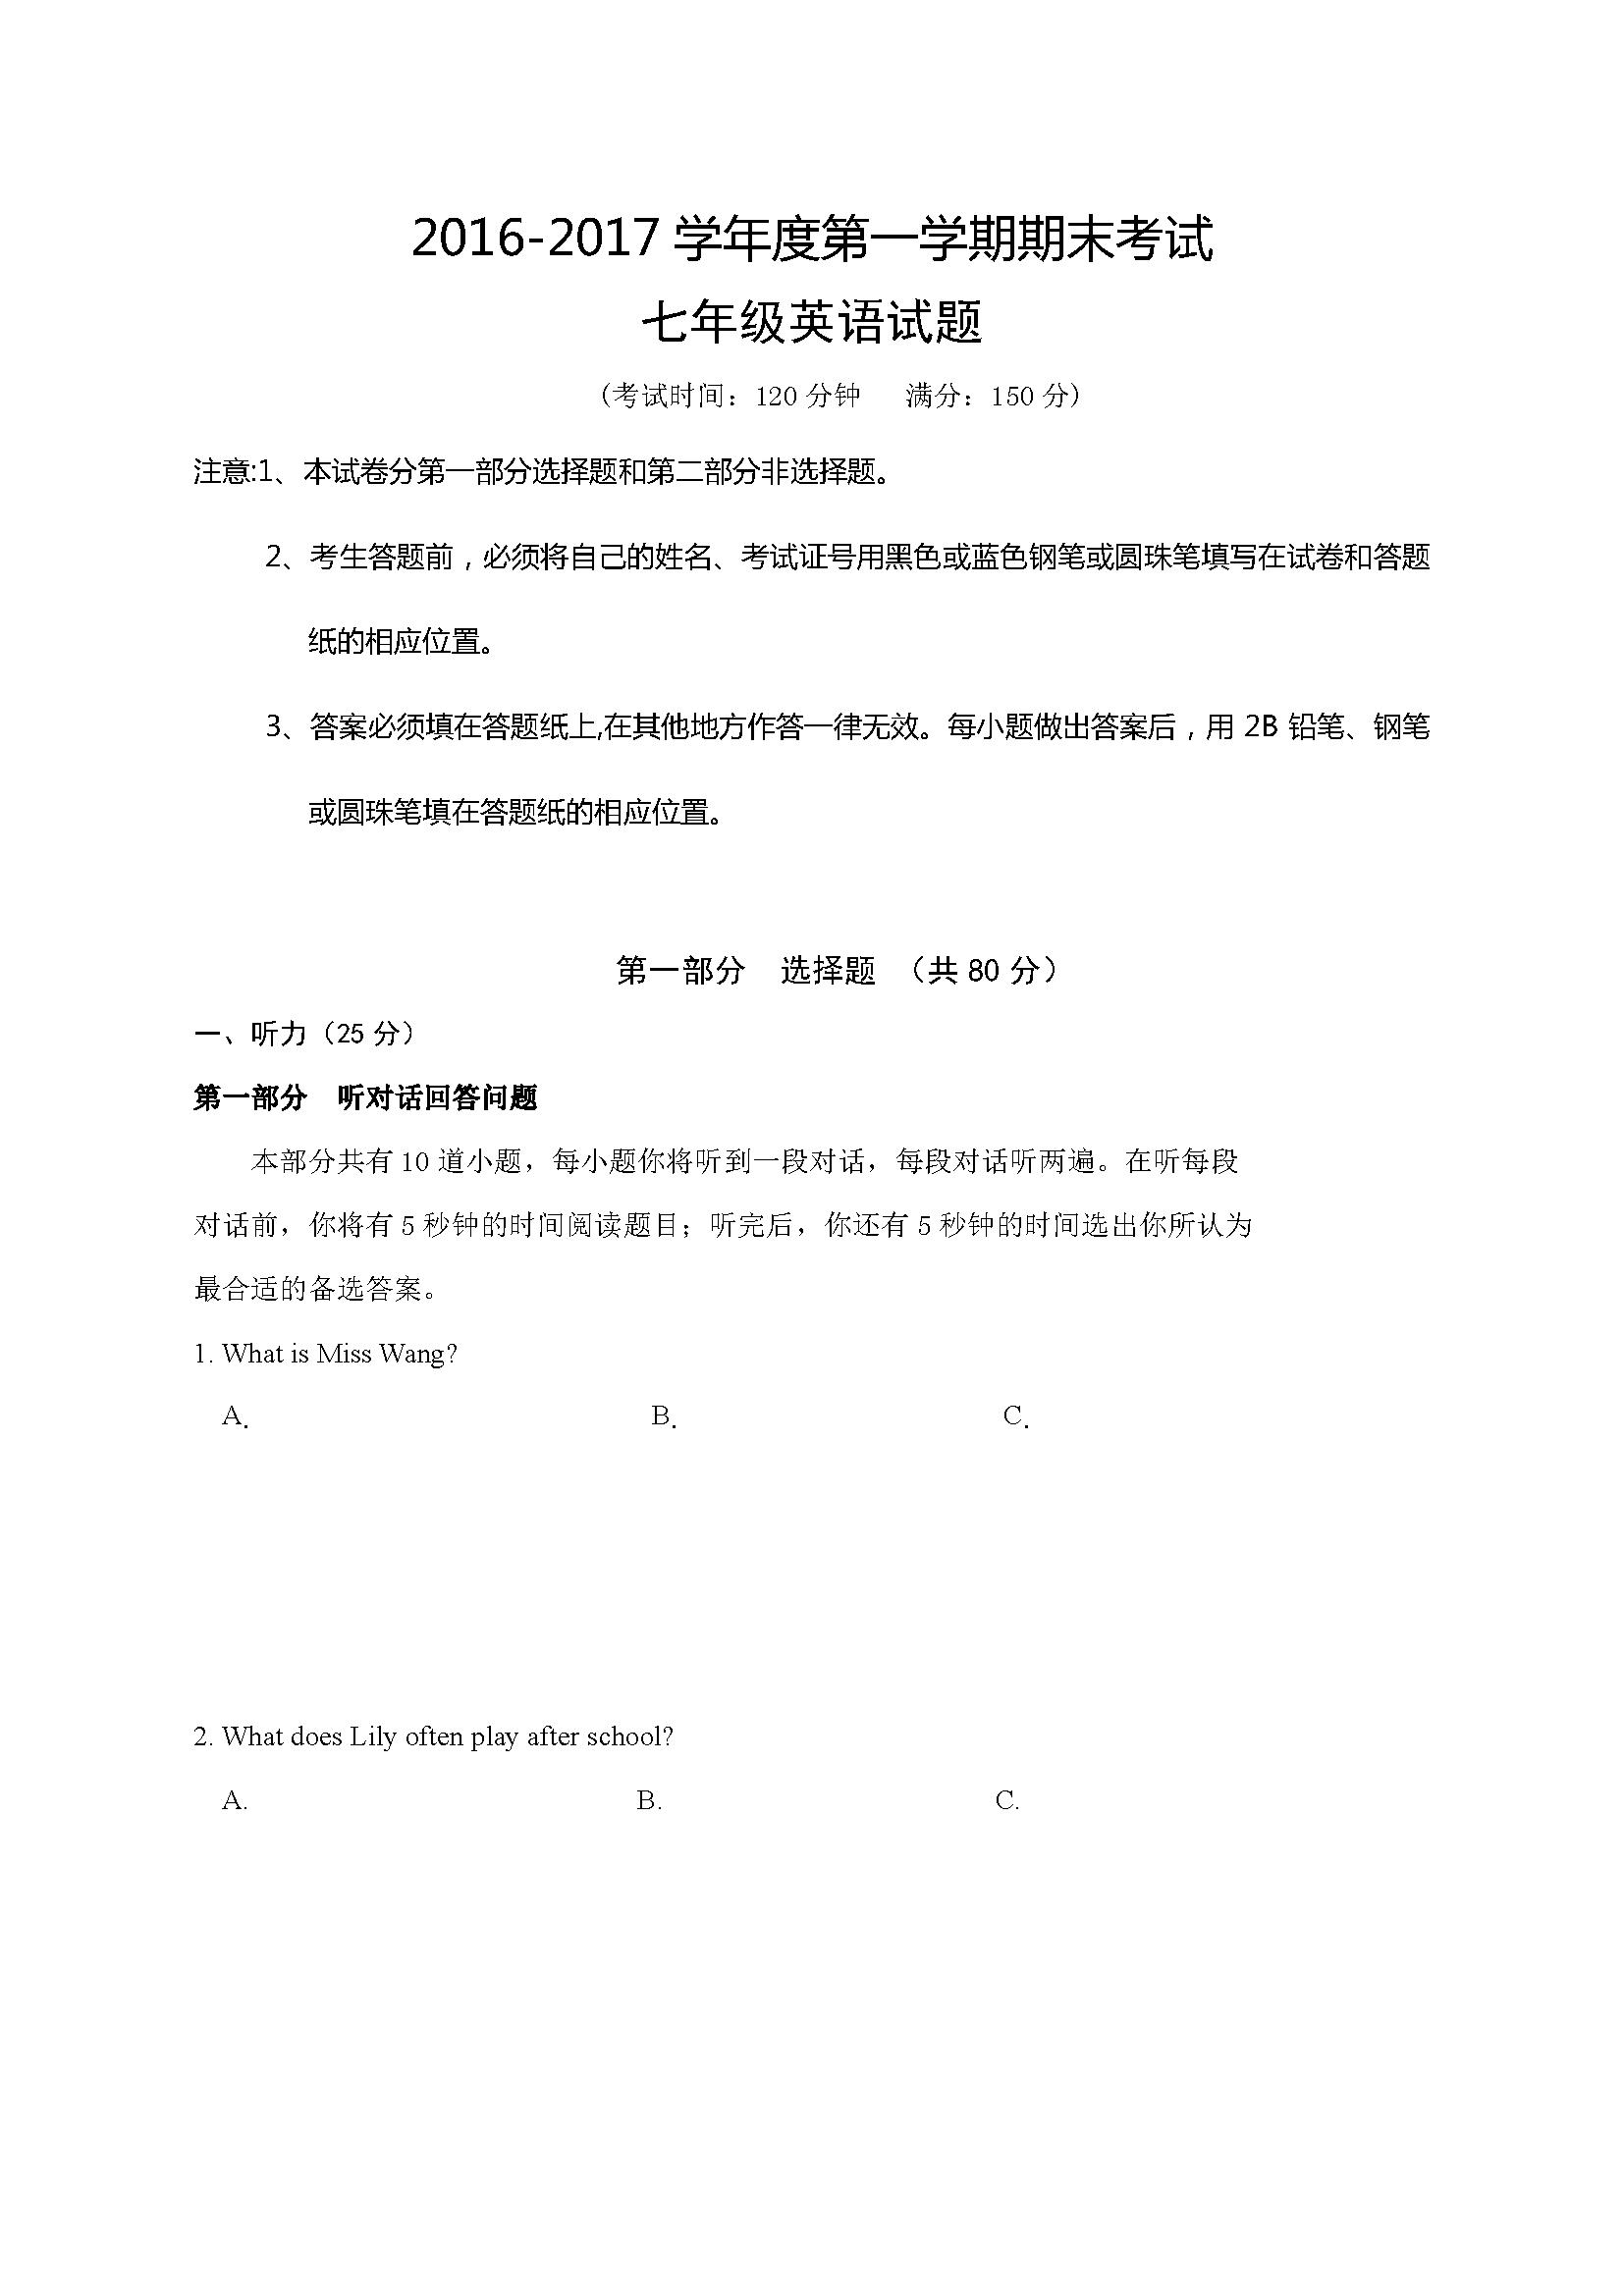 江苏姜堰2016-2017学年七年级上学期期末英语试题(图片版)